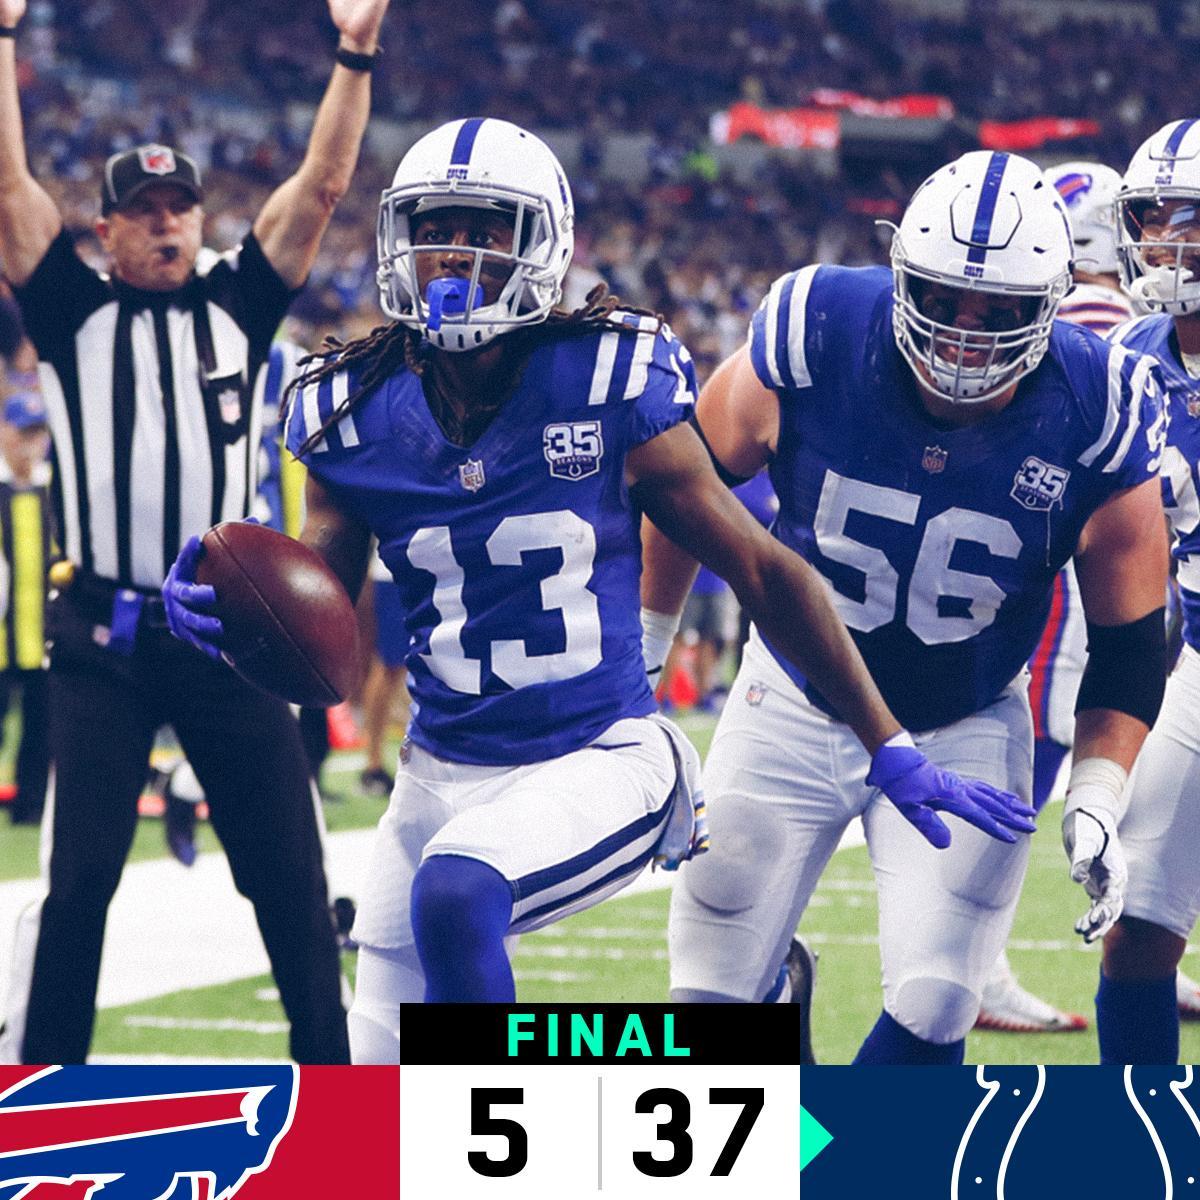 FINAL: @Colts defeat the Bills! #BUFvsIND  #Colts https://t.co/a3k6v5WC8T